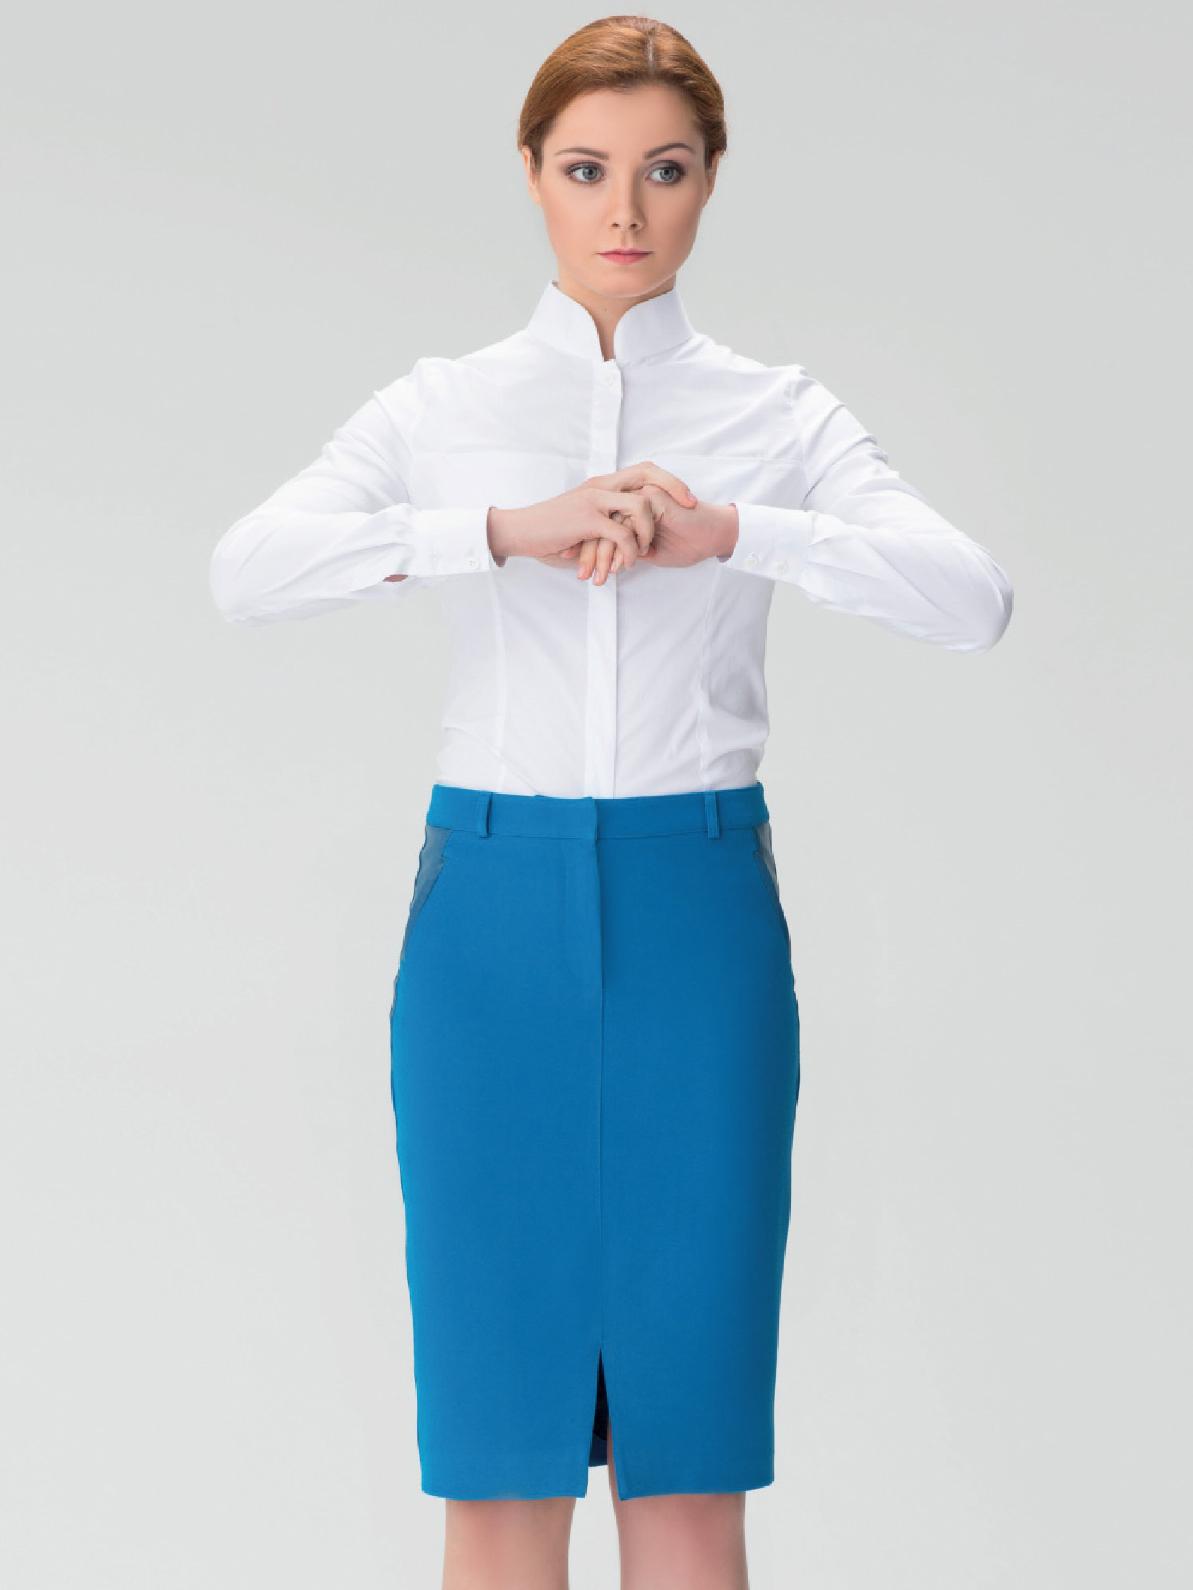 Дизайнерская женская одежда доставка